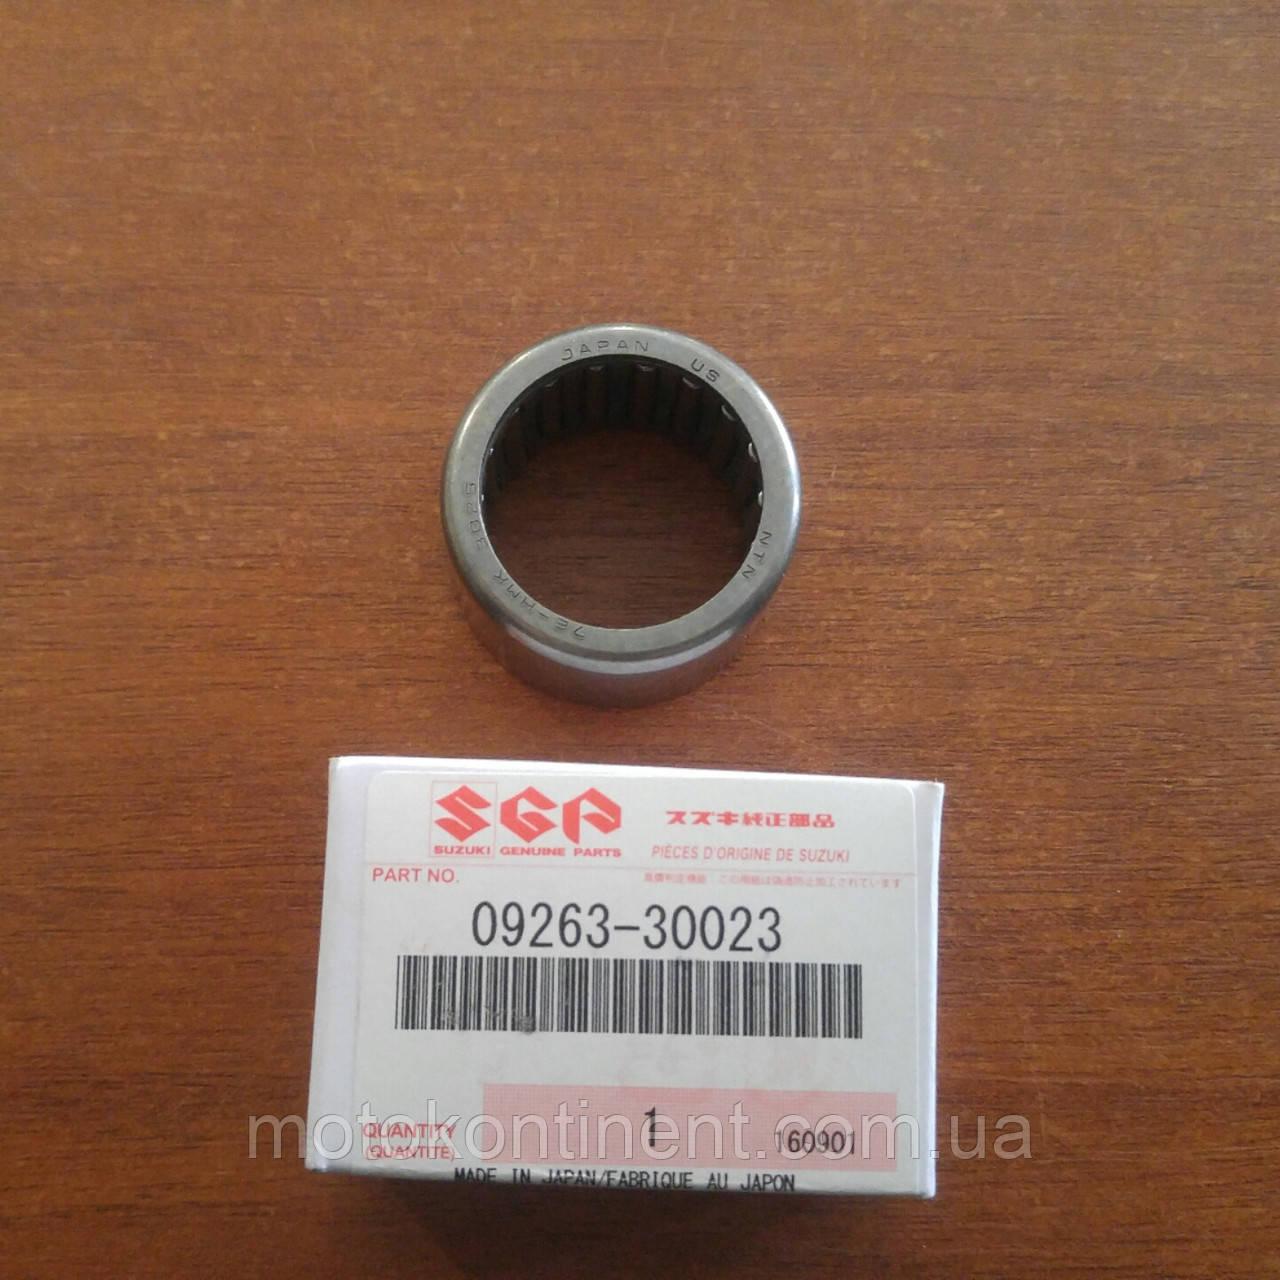 09263-30023 Підшипник гребного валу Suzuki DF150-DF300 (30x40x25)